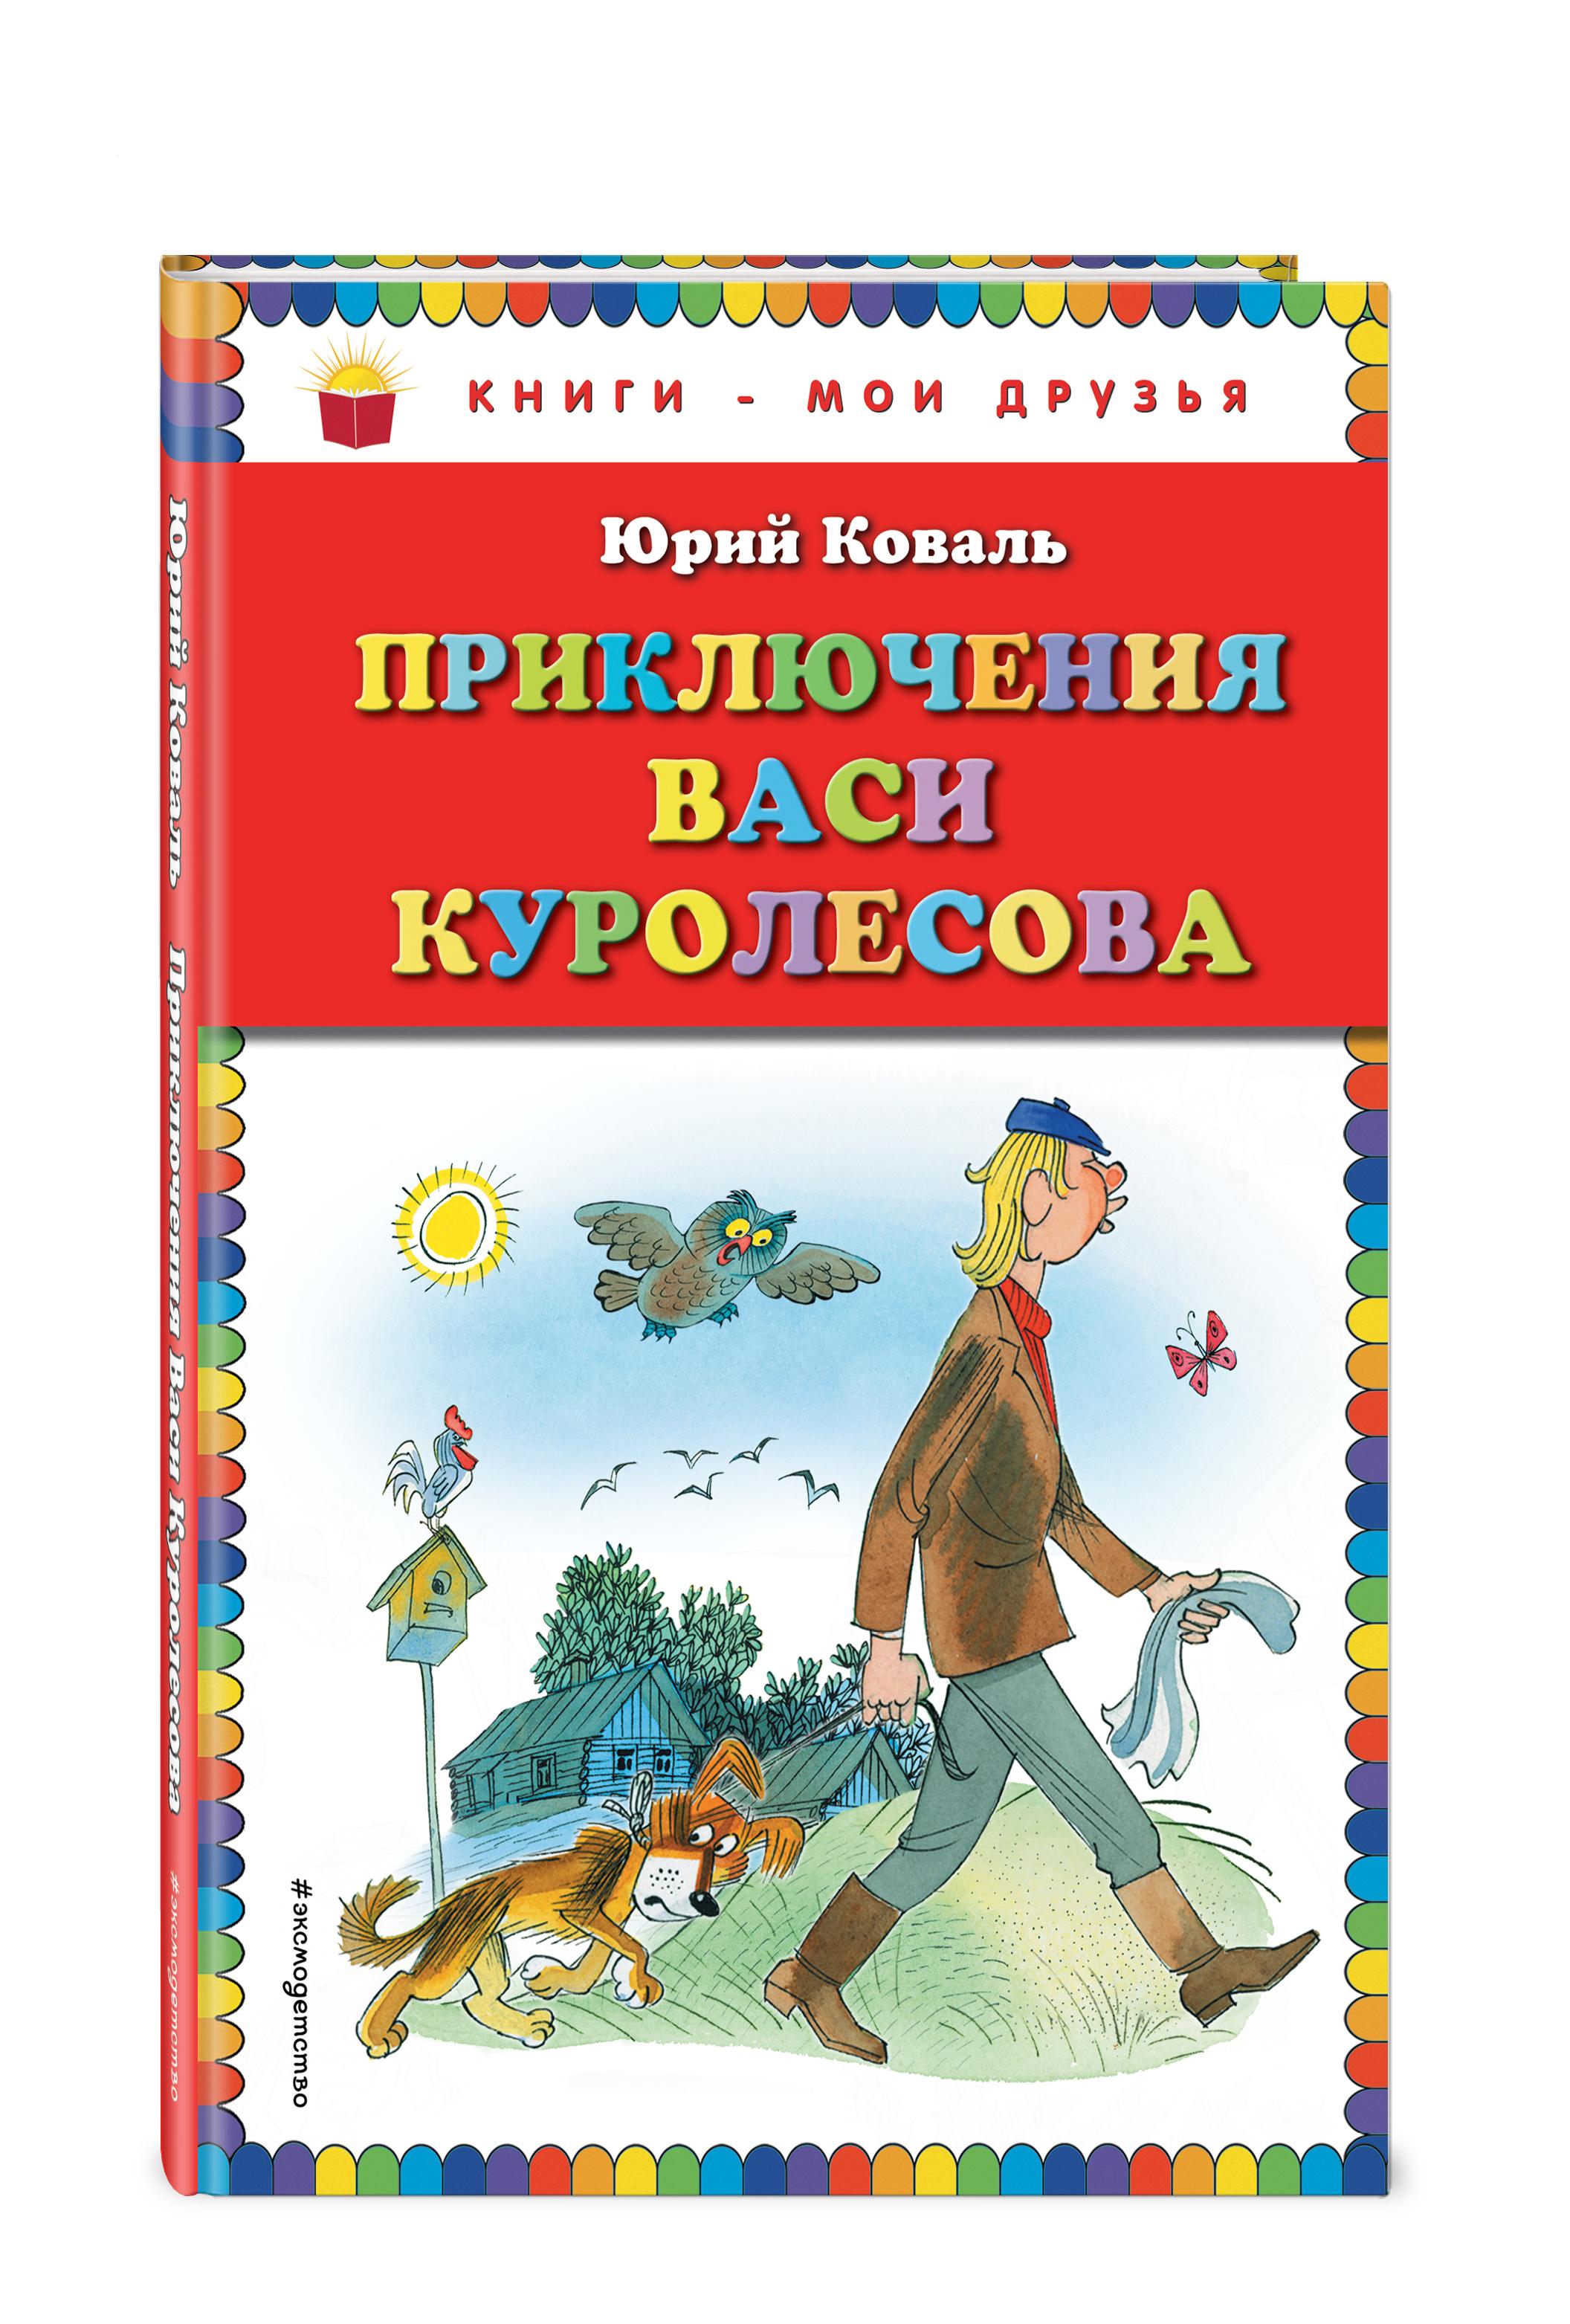 Юрий Коваль Приключения Васи Куролесова (ил. В. Чижикова)